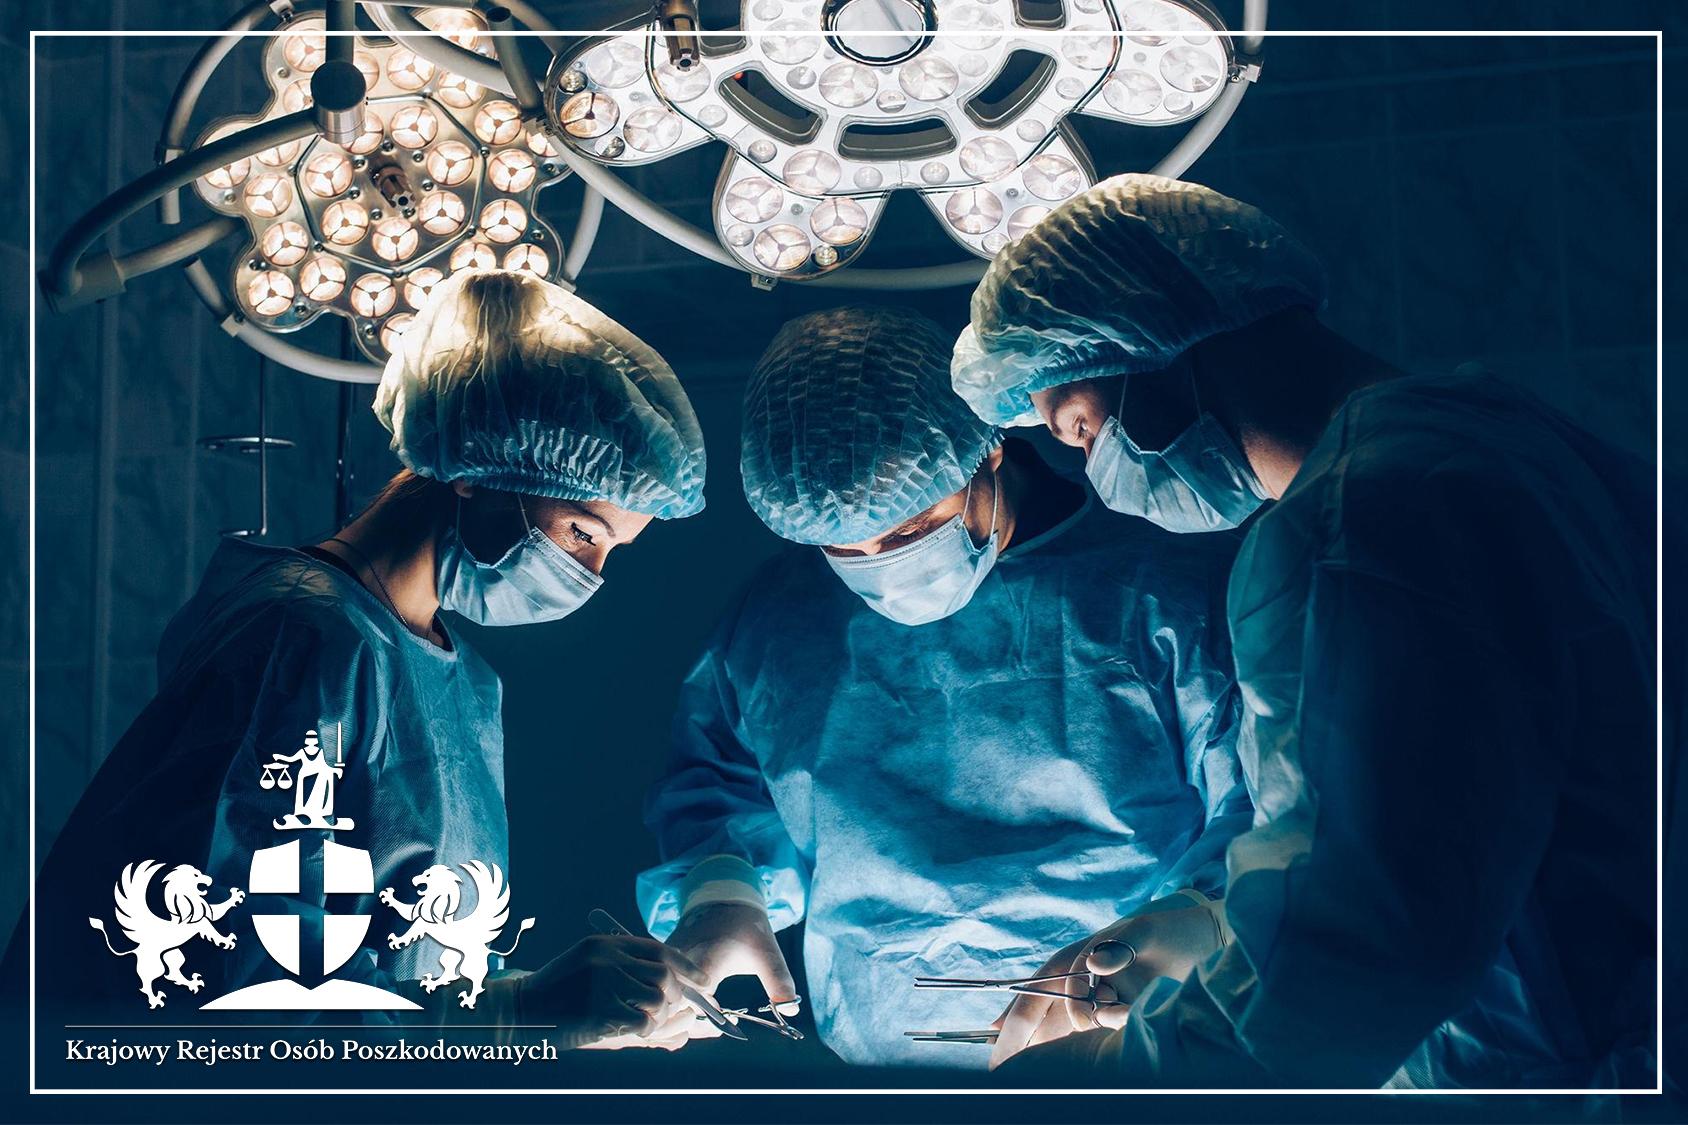 Udowodnienie błędu medycznego – dlaczego czasami bywa trudne?